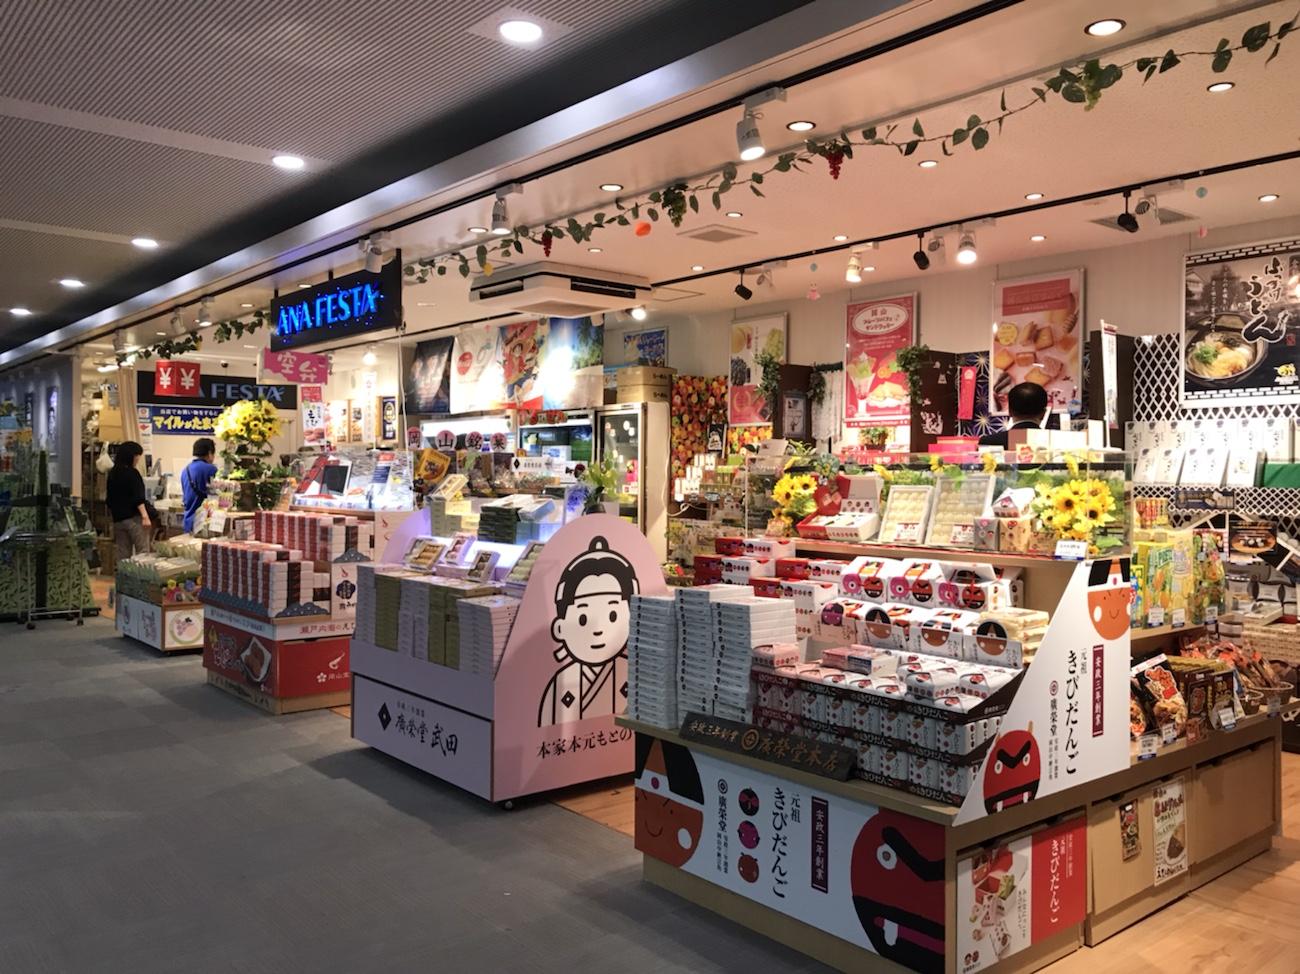 岡山空港 ANAフェスタの場所